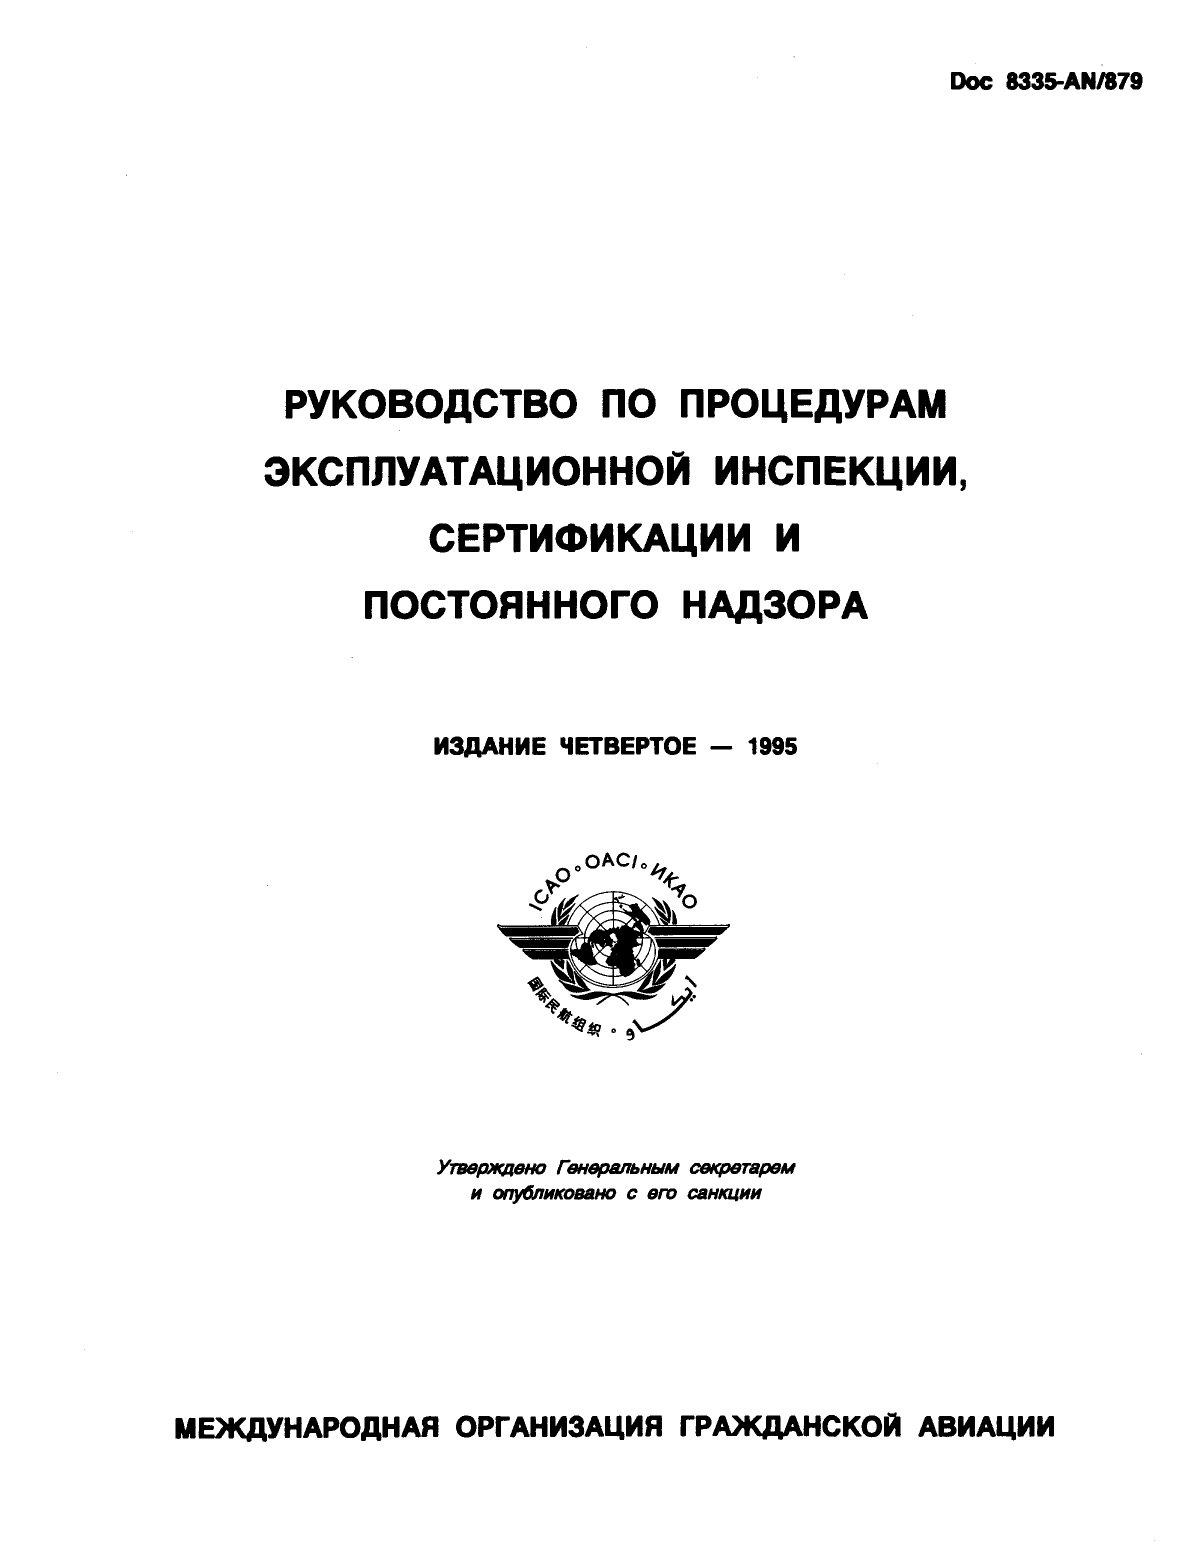 Обложка книги: ICAO Doc 8335 Руководство по процедурам эксплуатационной инспекции, сертификации и постоянного надзора.